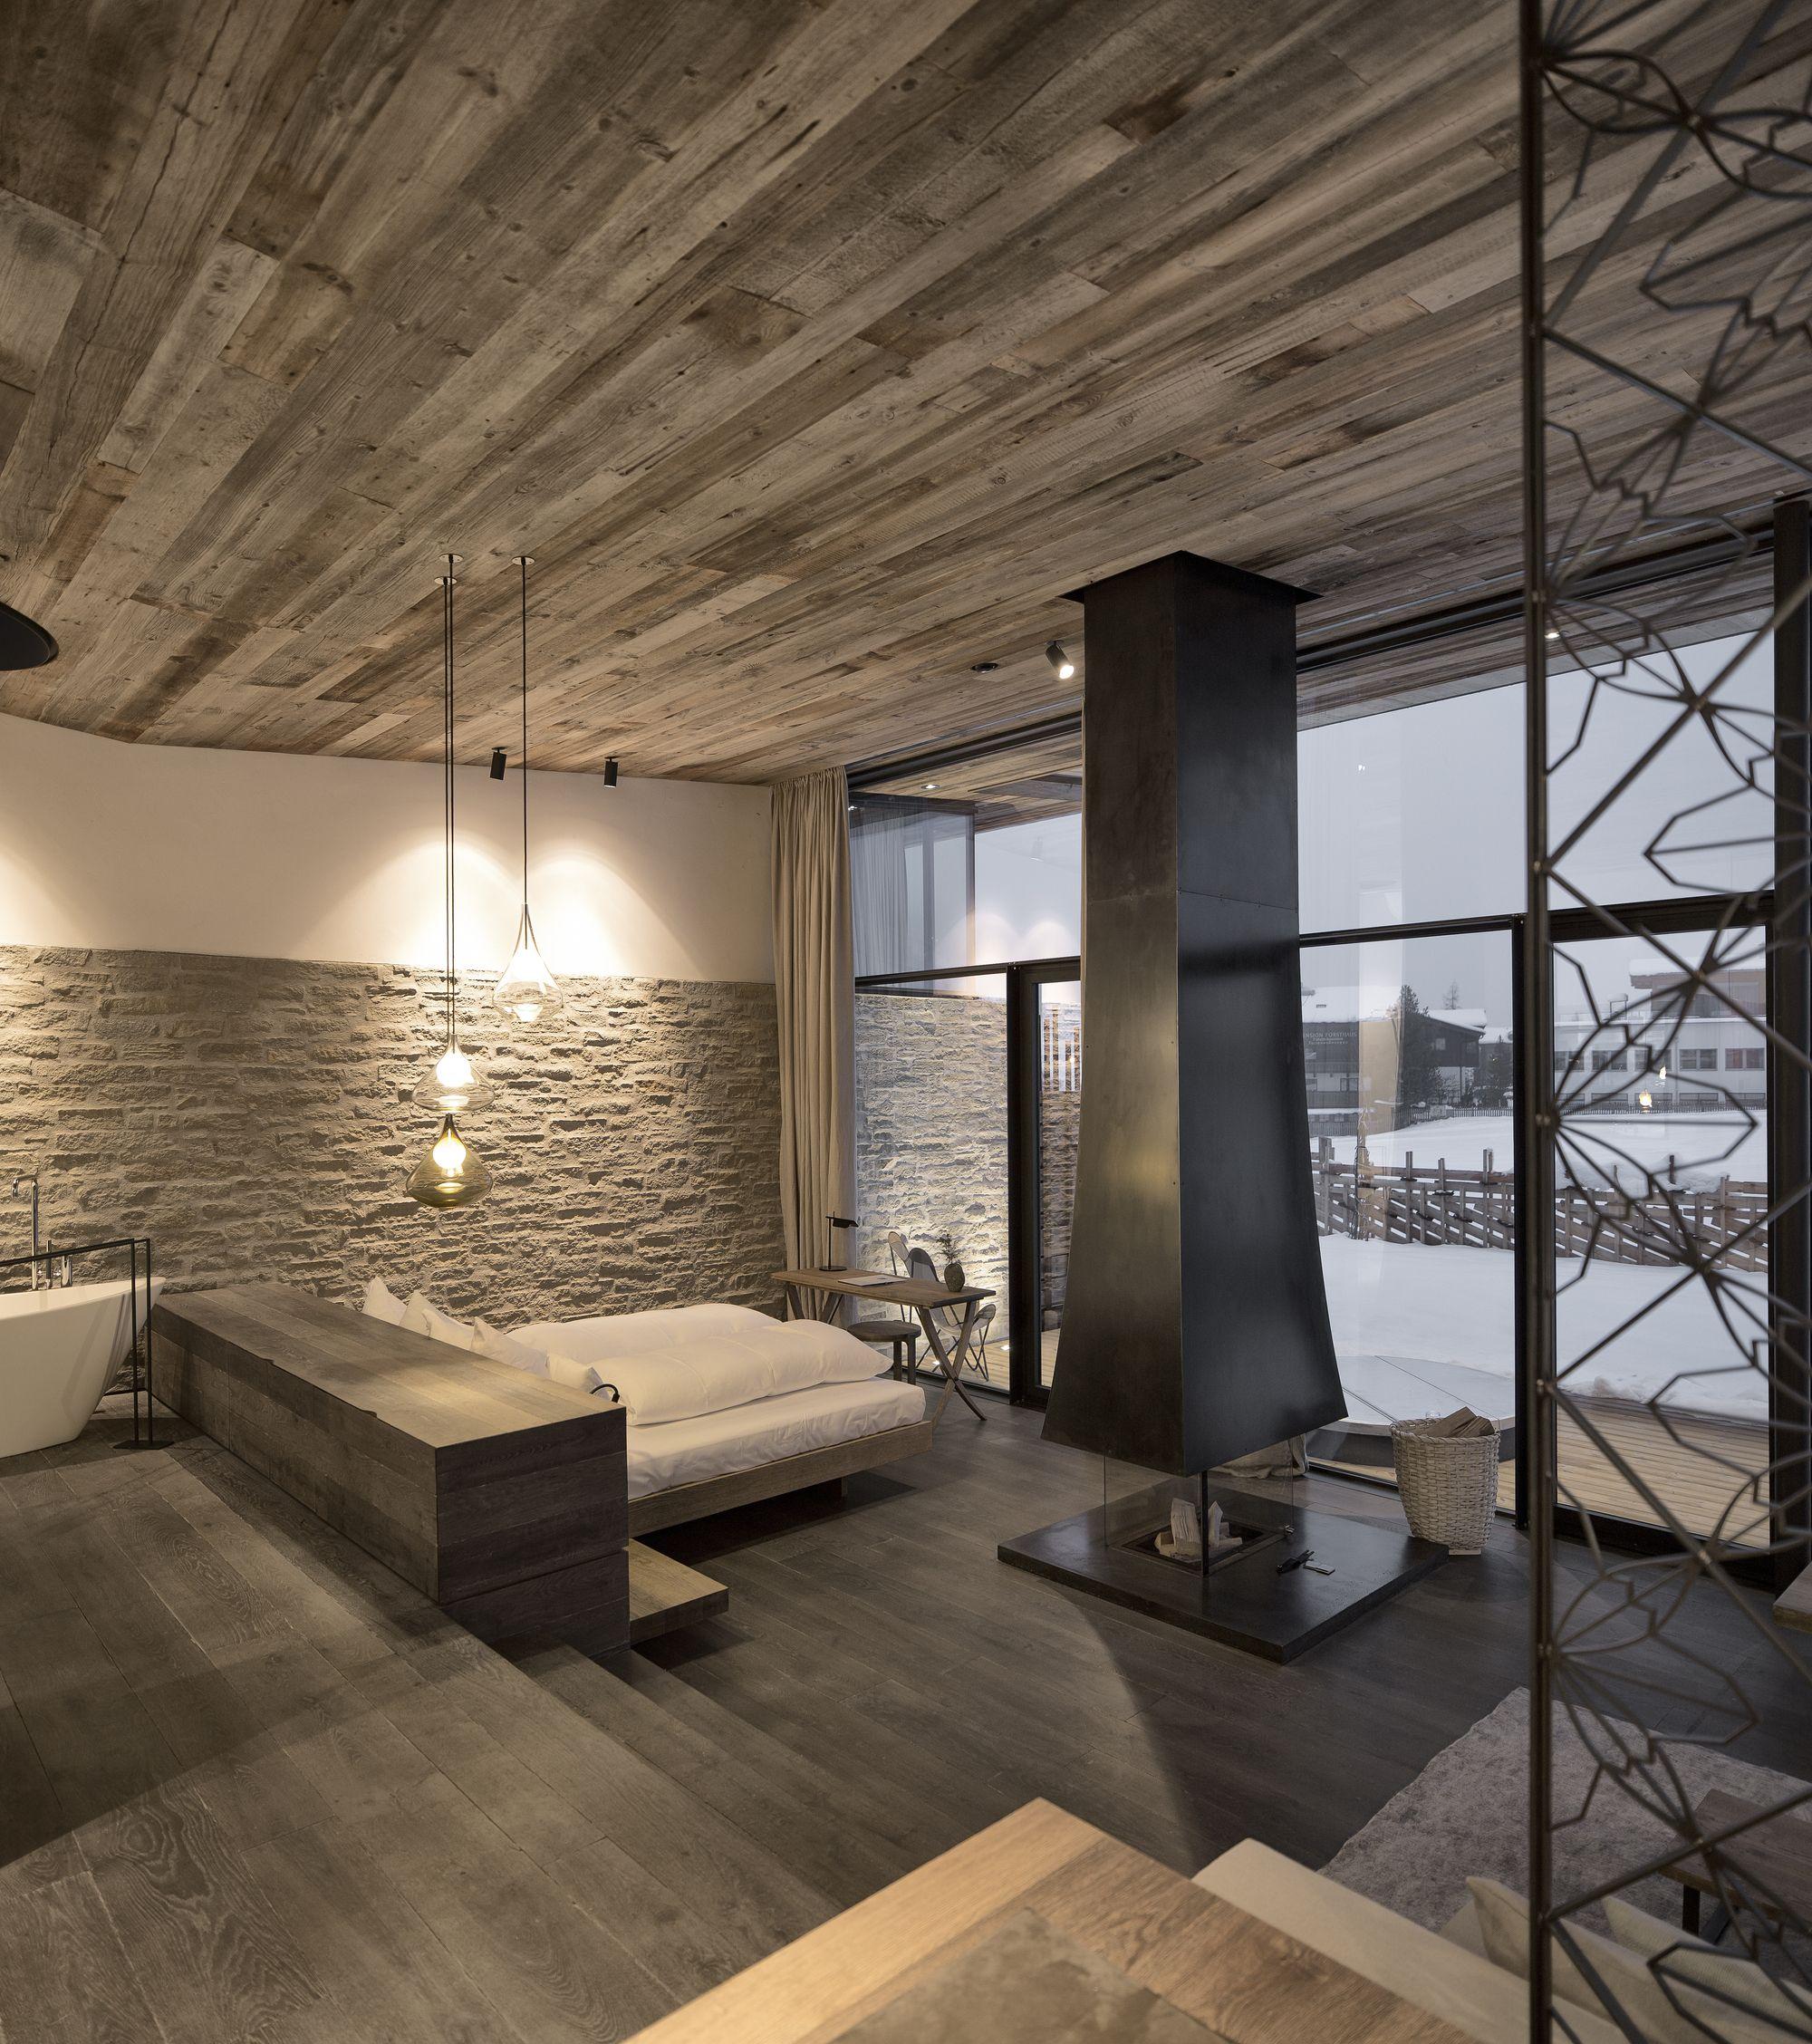 majestic hotel wiesergut by gogl architekten | architecture, Schlafzimmer entwurf